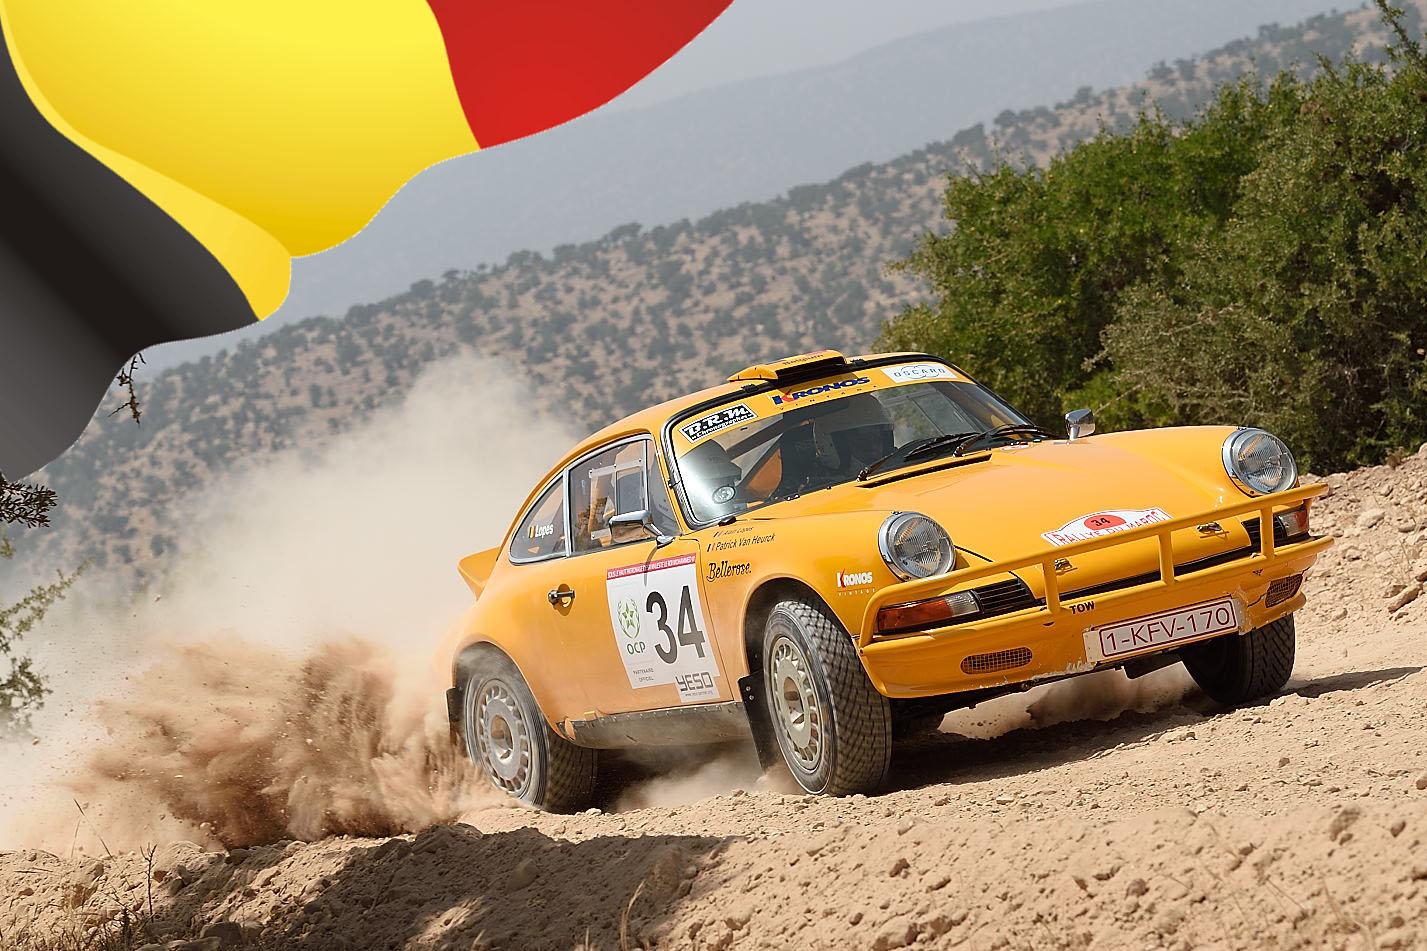 Patrick Van Heurck - Rallye du Maroc Historique 2015